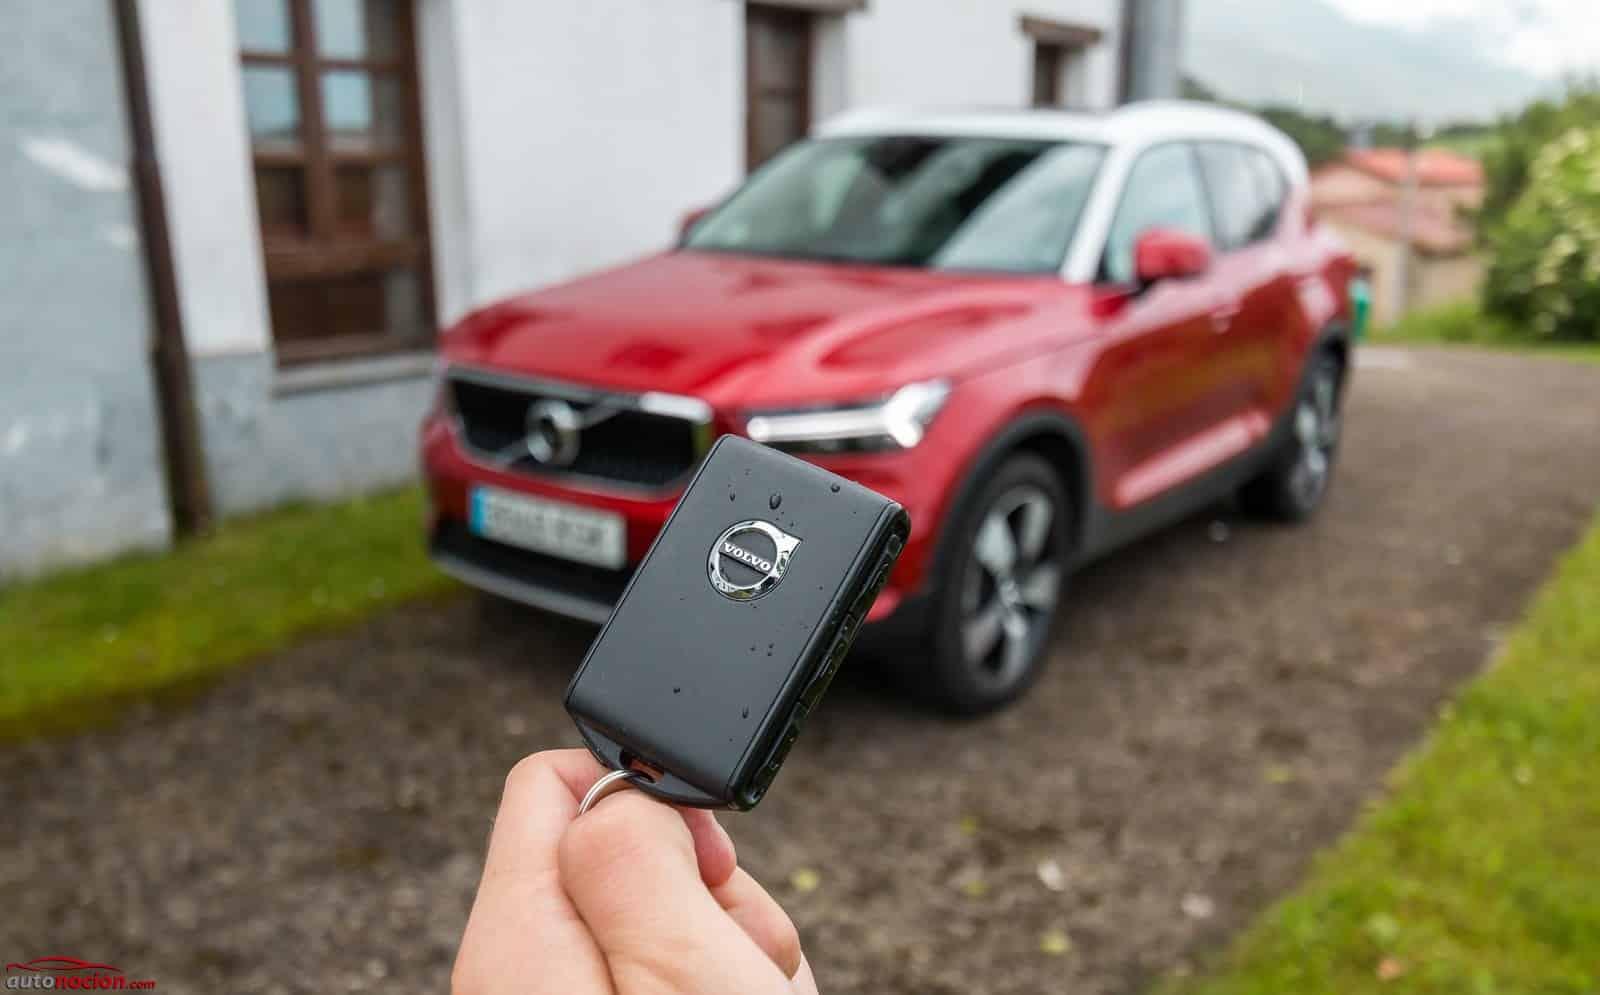 El nuevo logo de Volvo dejará atrás los cromados